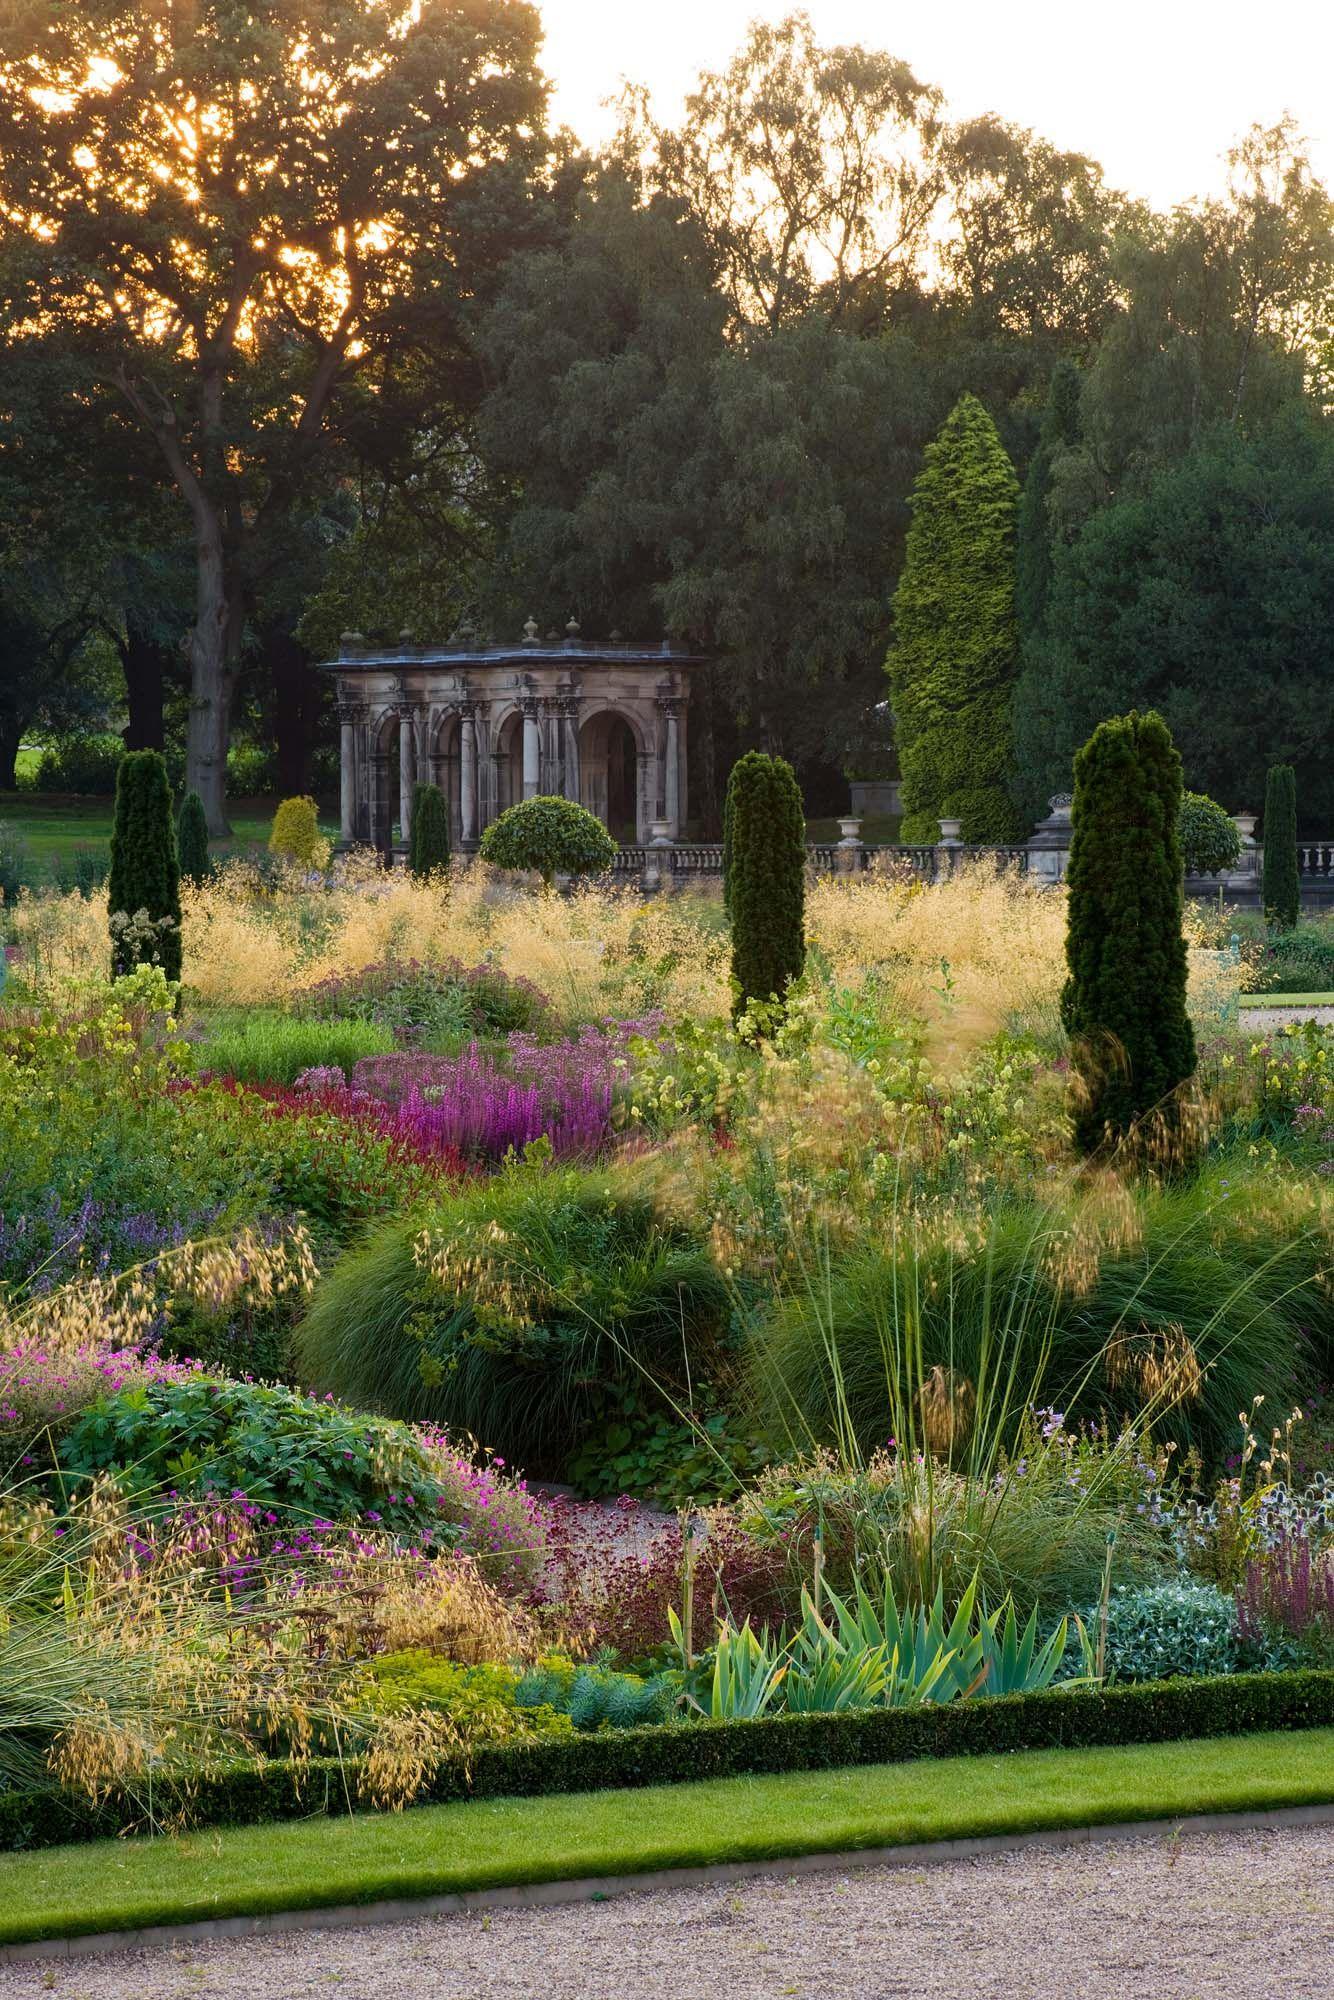 Trentham Staffordshire Beautiful Gardens Garden Design Garden Landscape Design